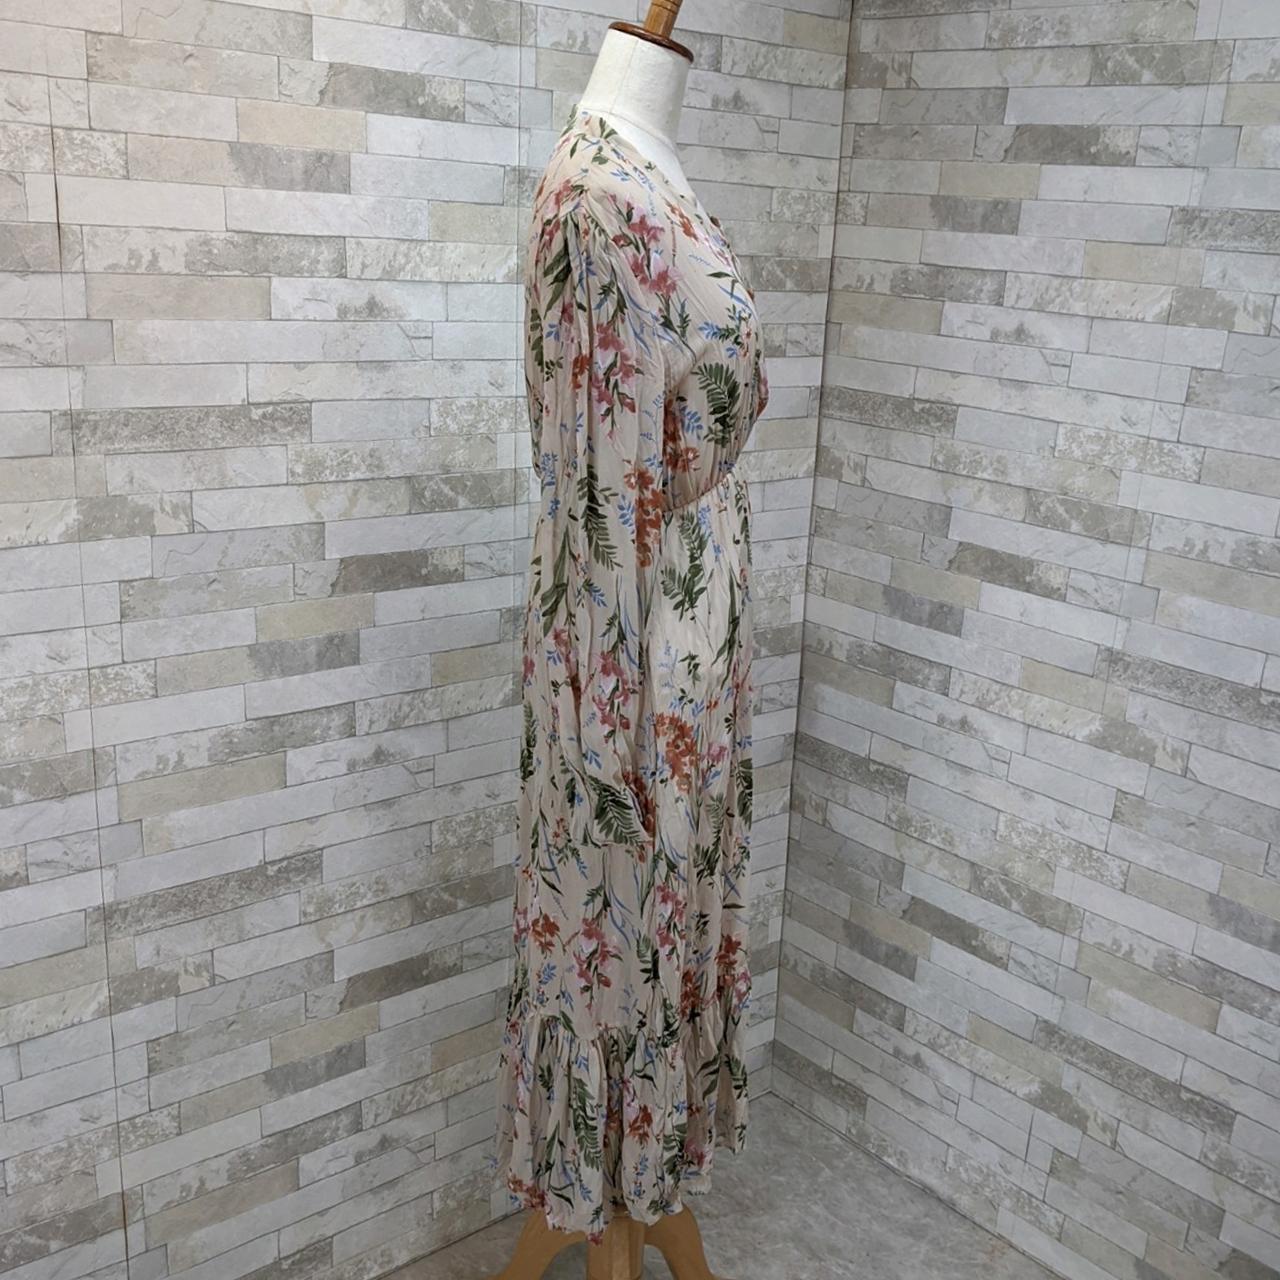 韓国 ファッション ワンピース 夏 春 カジュアル PTXH422  シアー シフォン風 エレガント 着回し オルチャン シンプル 定番 セレカジの写真18枚目